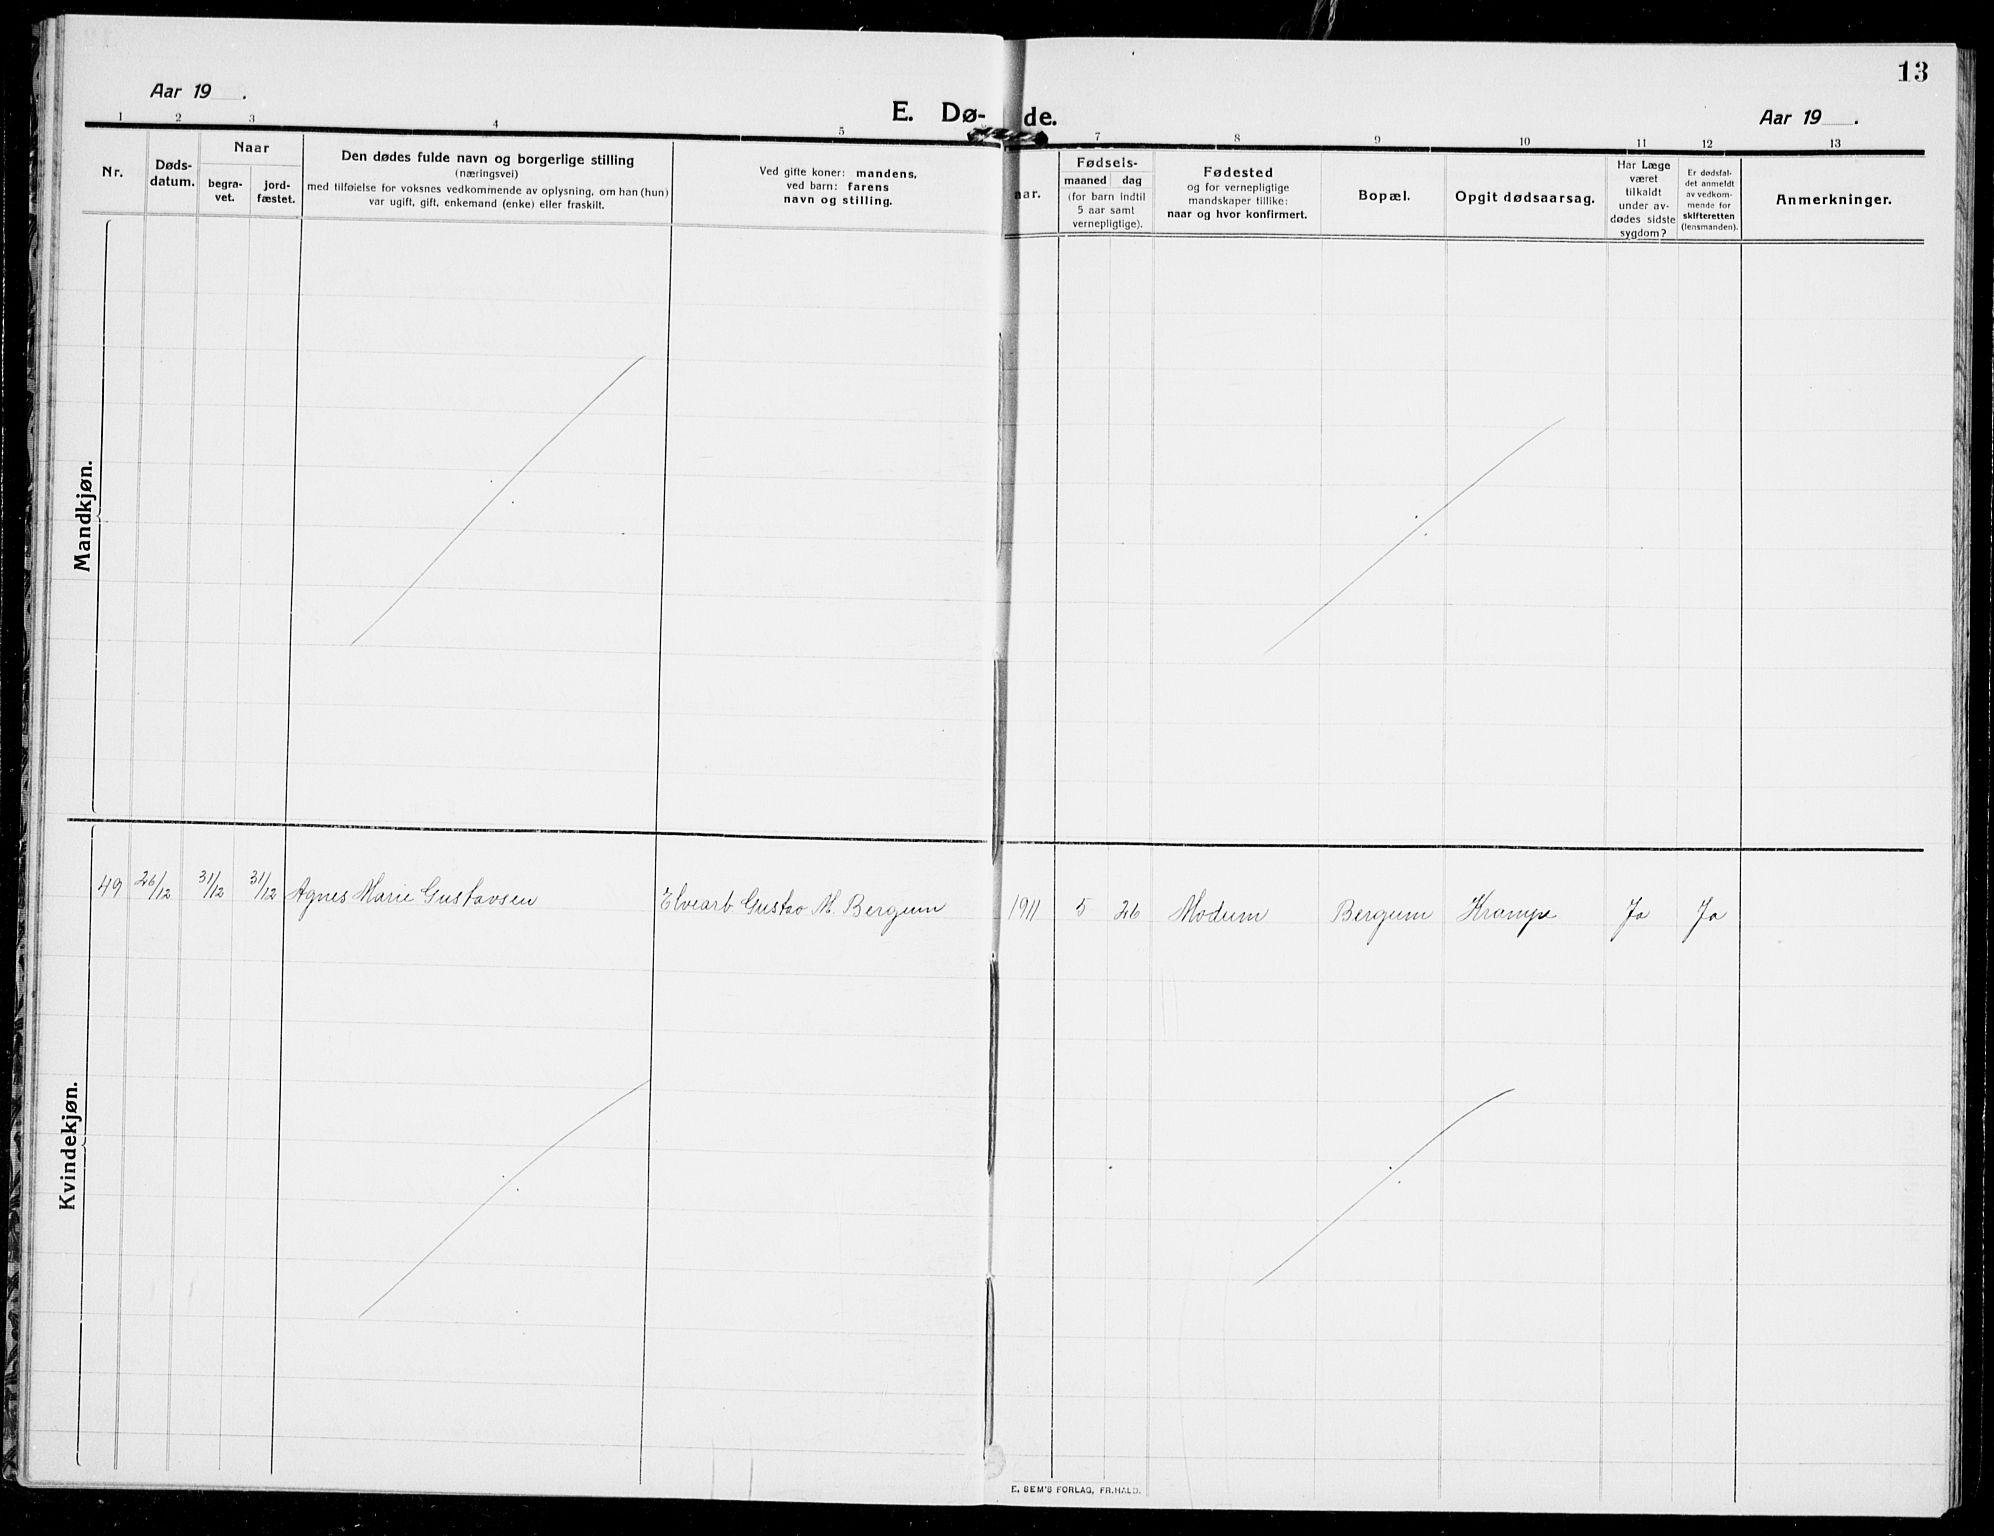 SAKO, Modum kirkebøker, G/Ga/L0011: Klokkerbok nr. I 11, 1910-1925, s. 13